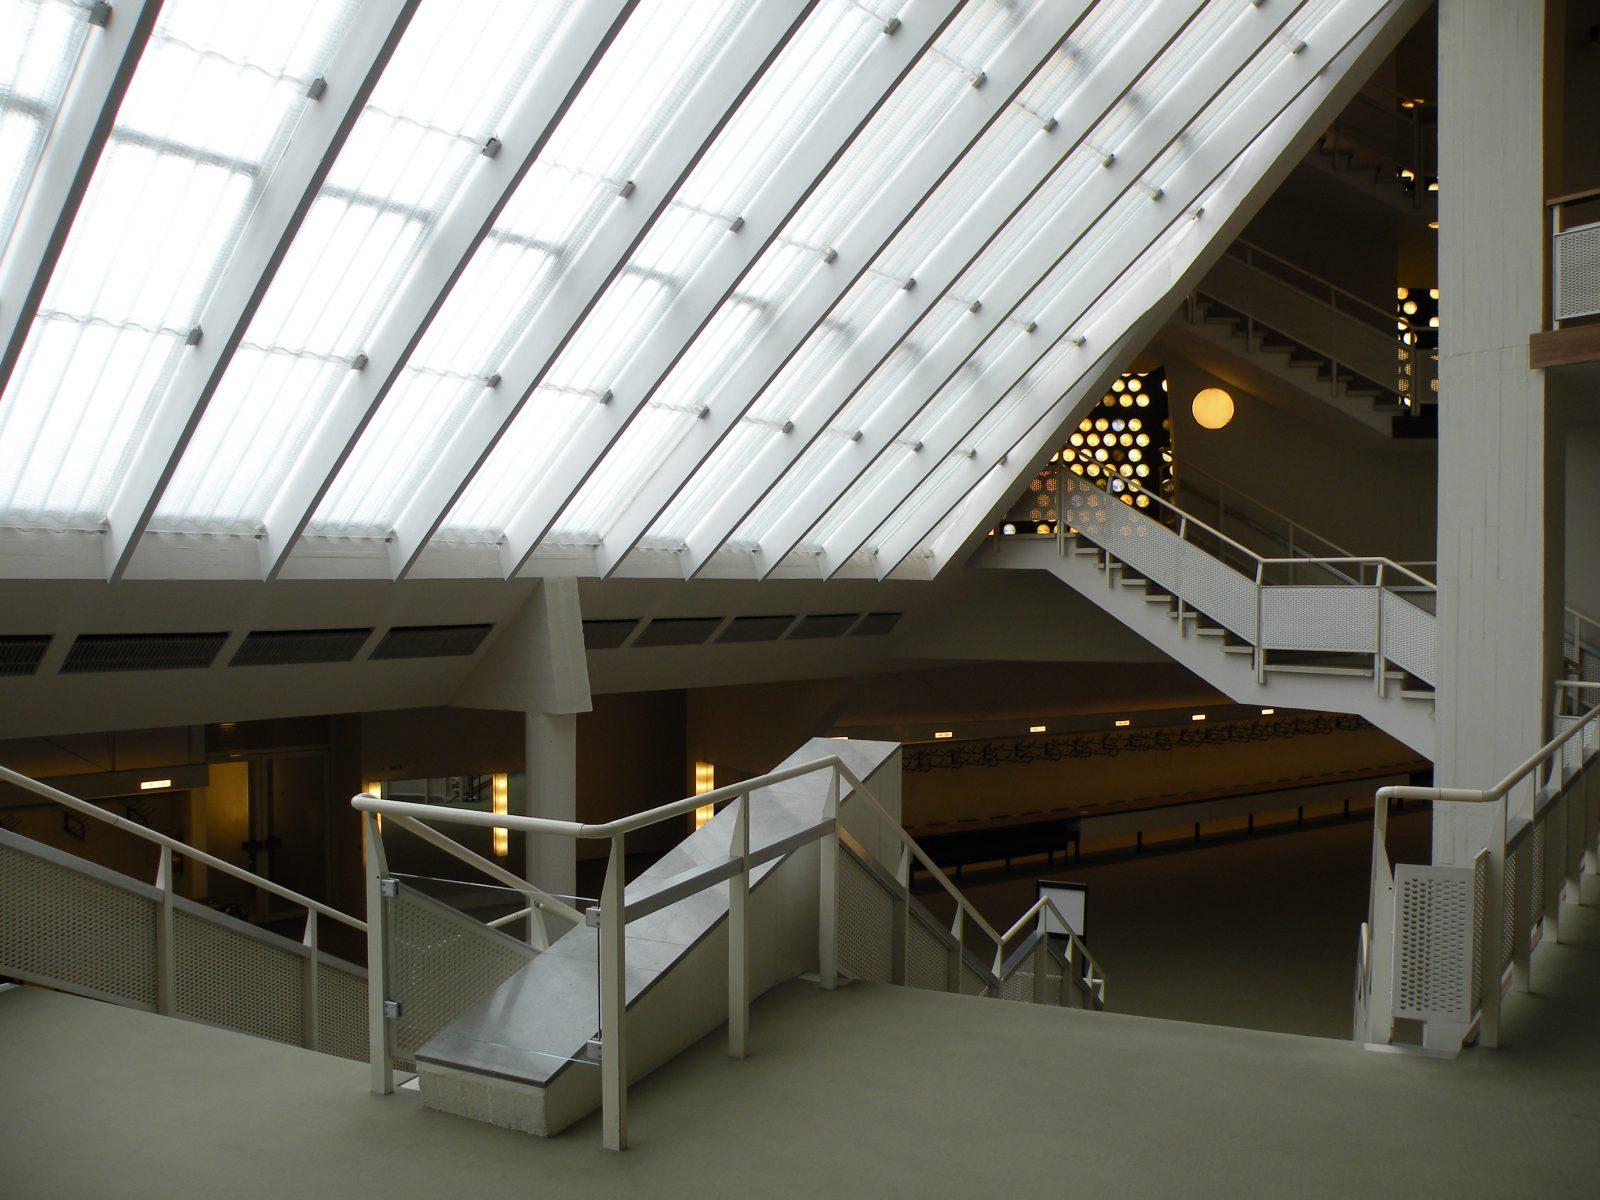 Philharmonie Berlin - Foto: Stefan Rethfeld